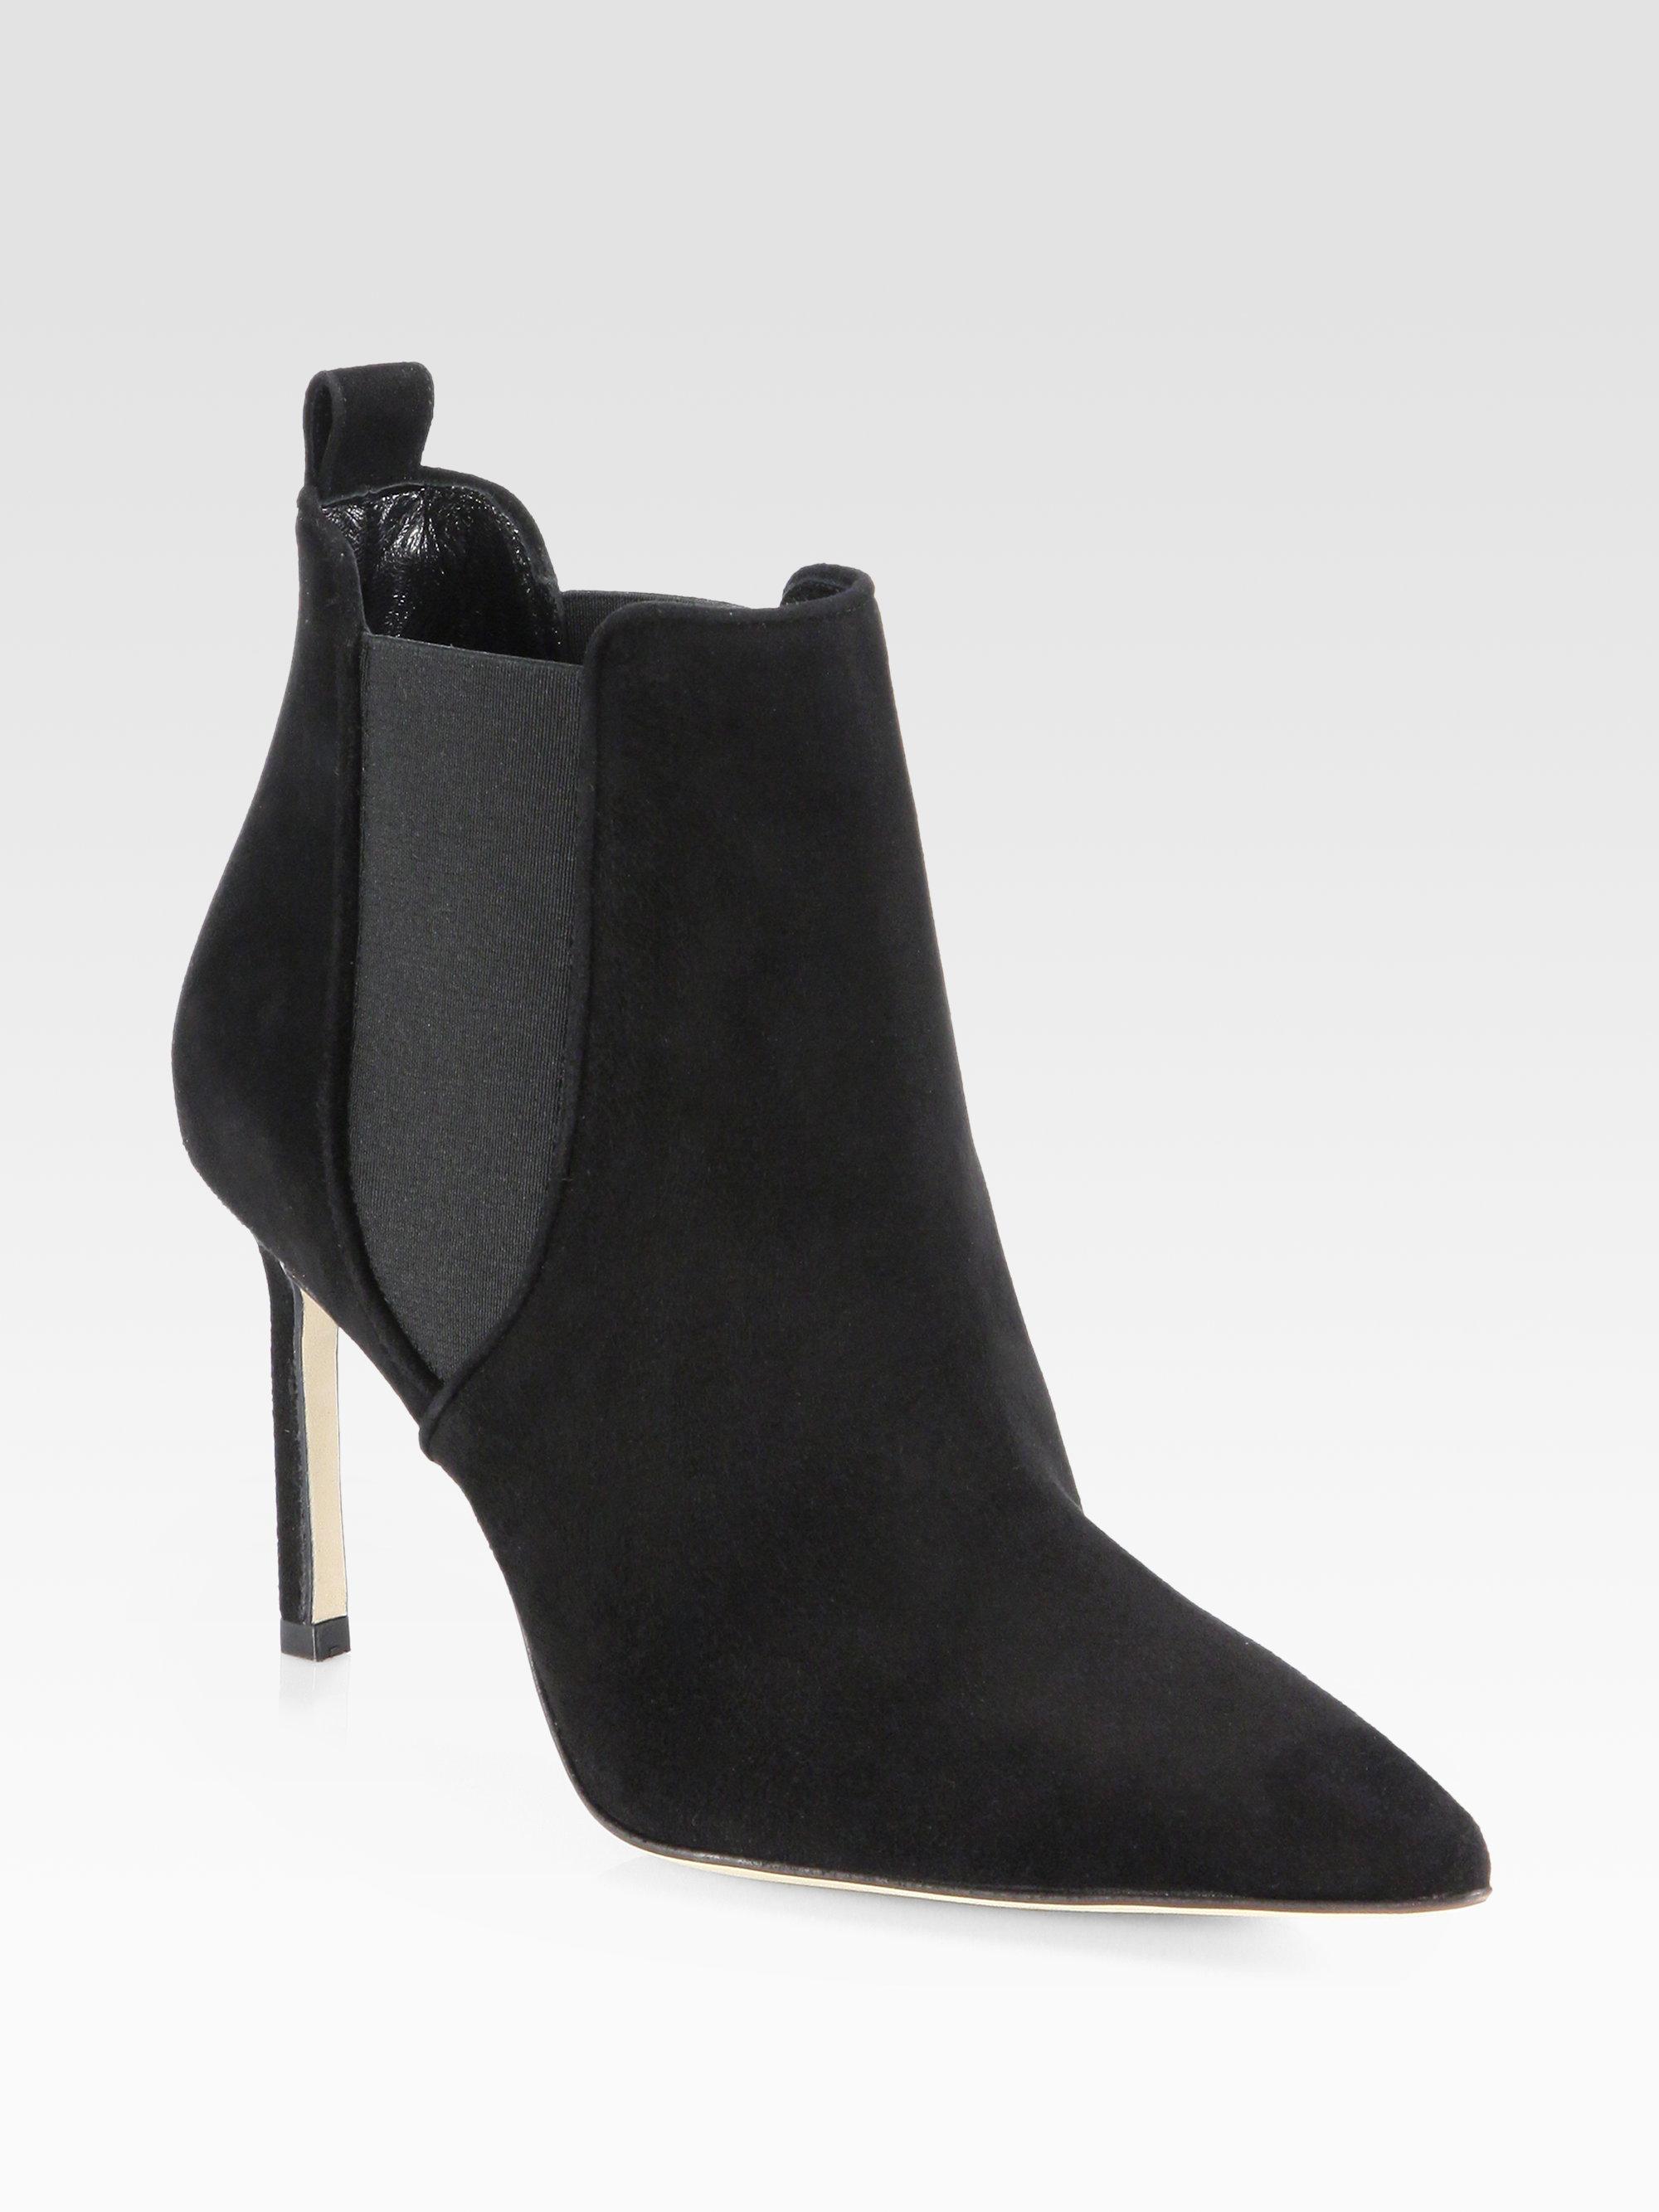 manolo blahnik black high heels